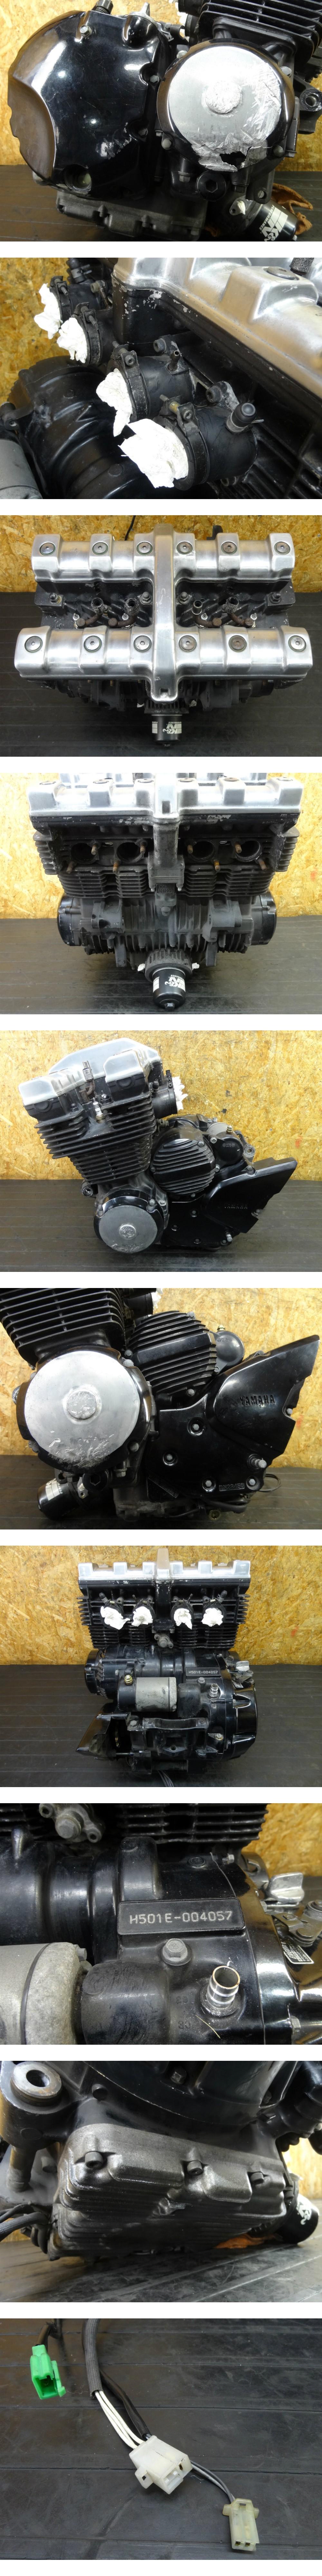 Uher 4x00 Report L Motorregelung Motor Ersatzteile #2